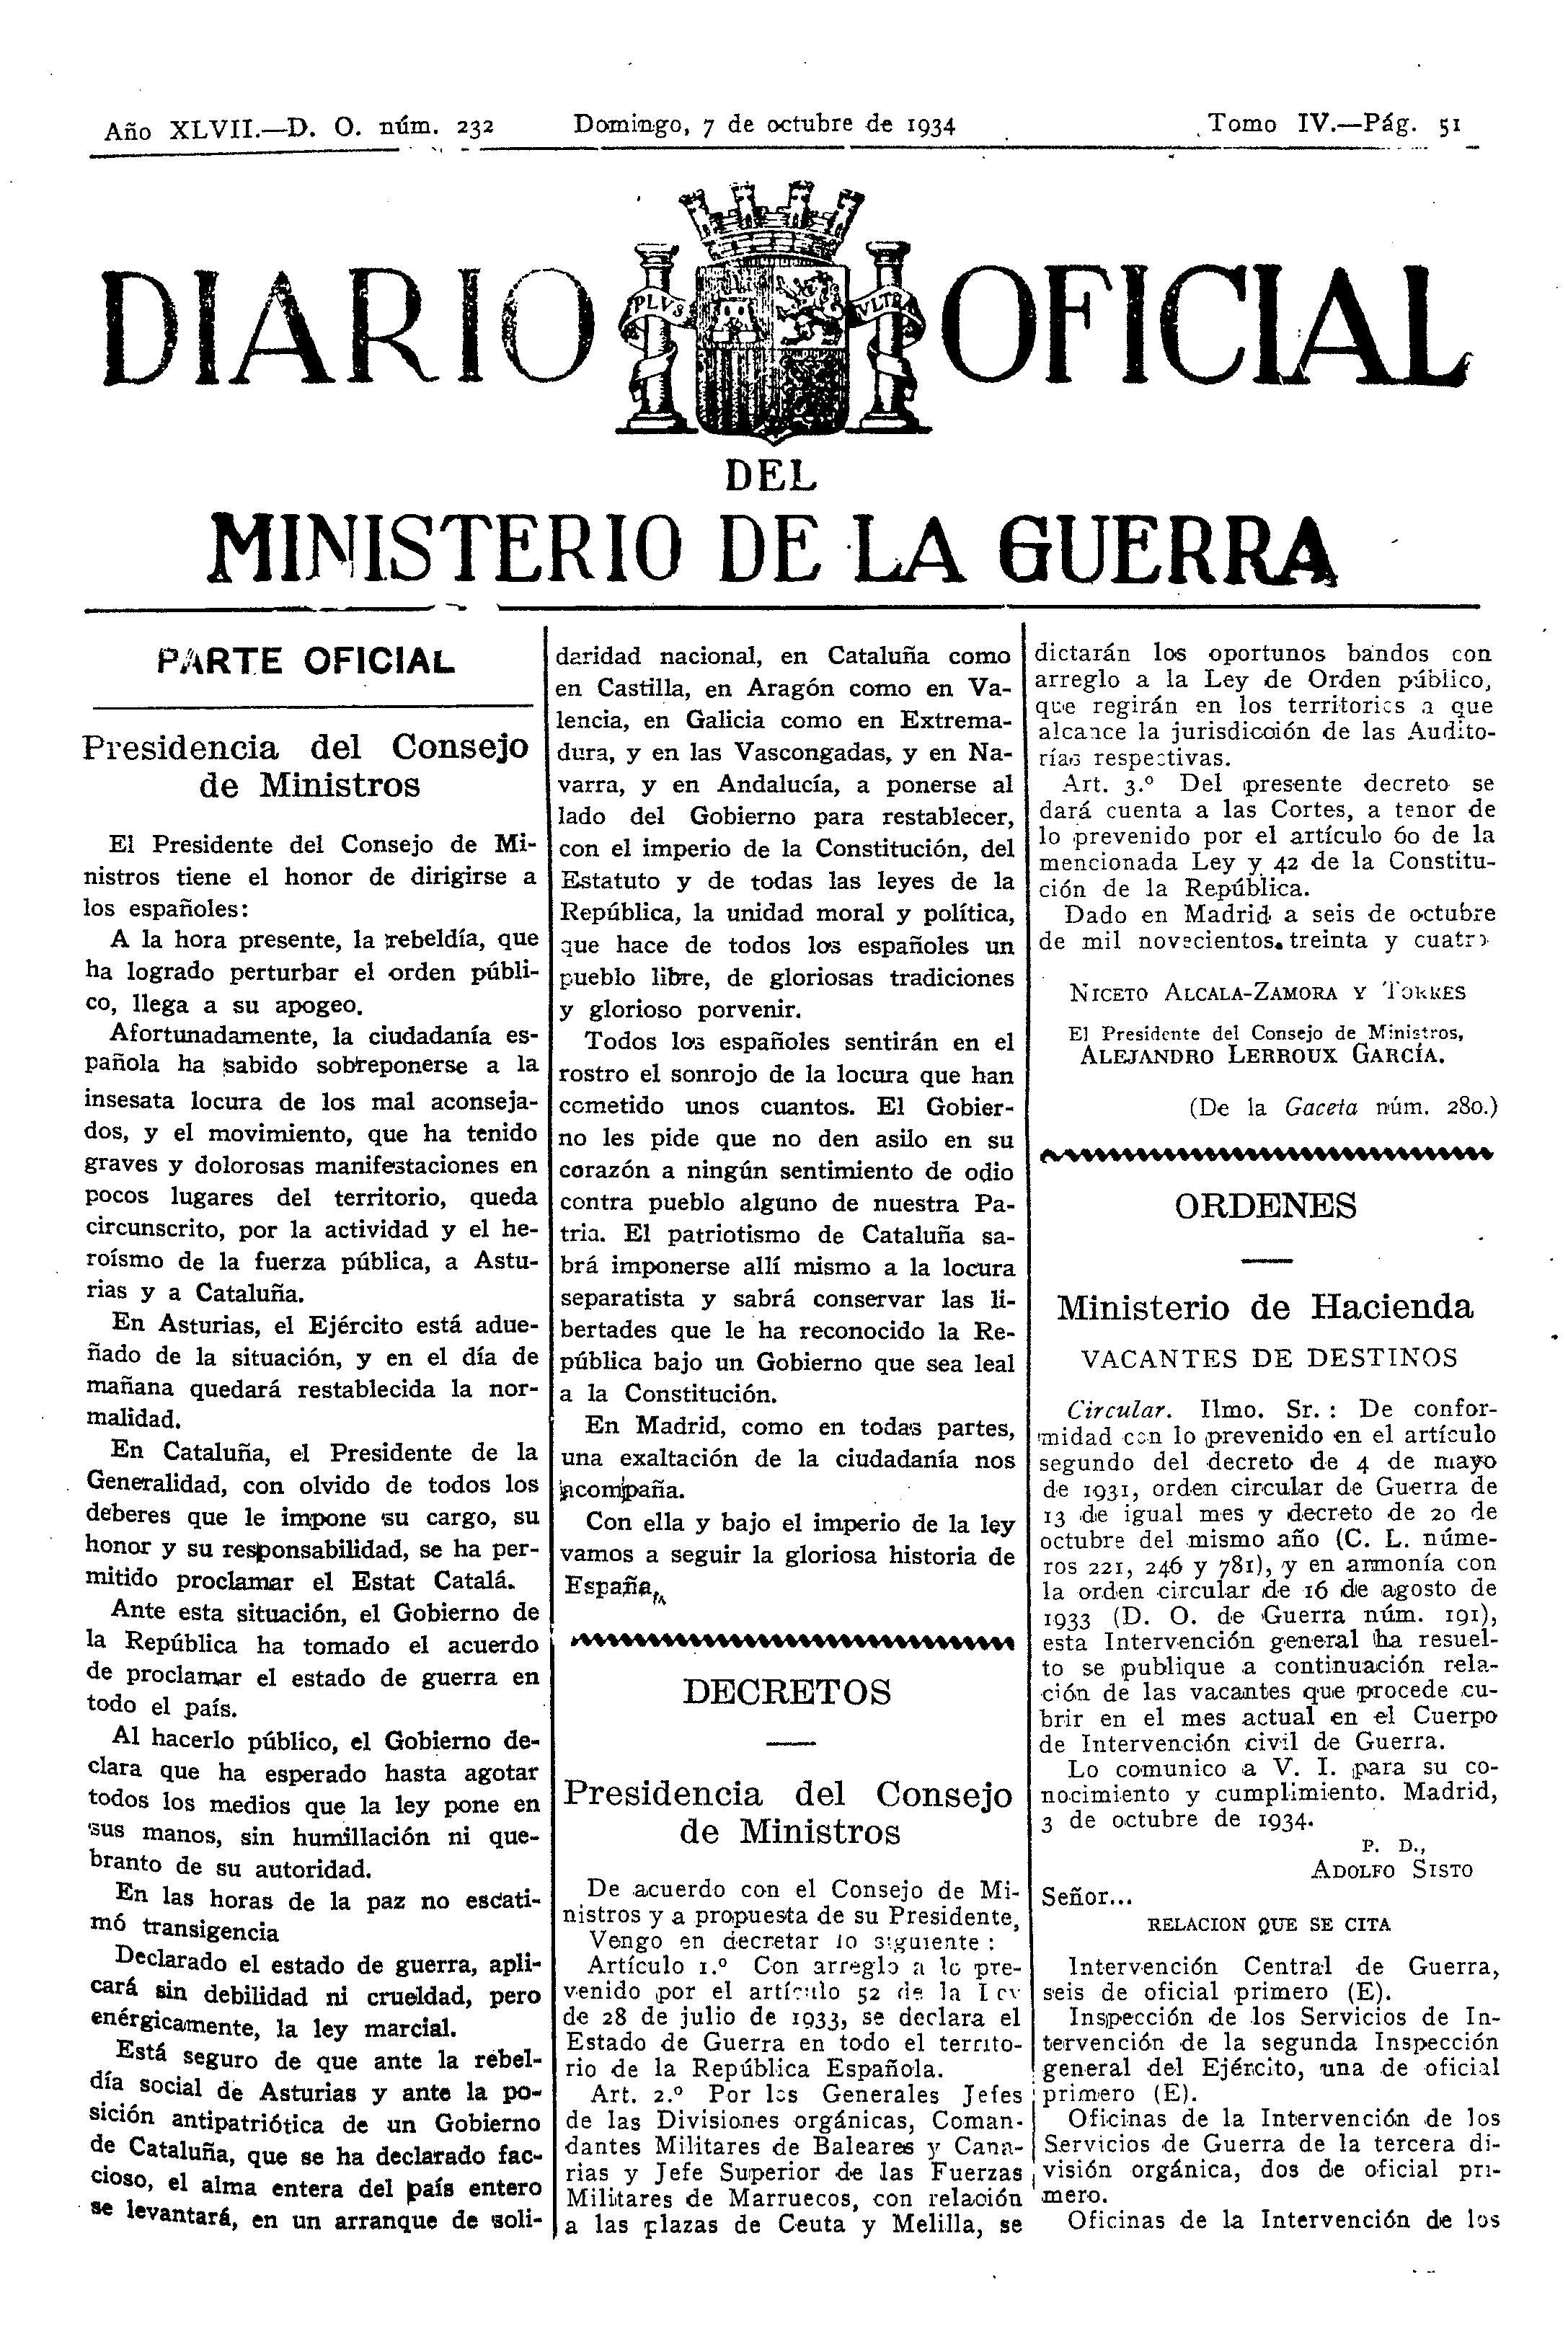 Diario Oficial del Ministerio de la Guerra - 7 de octubre de 1934